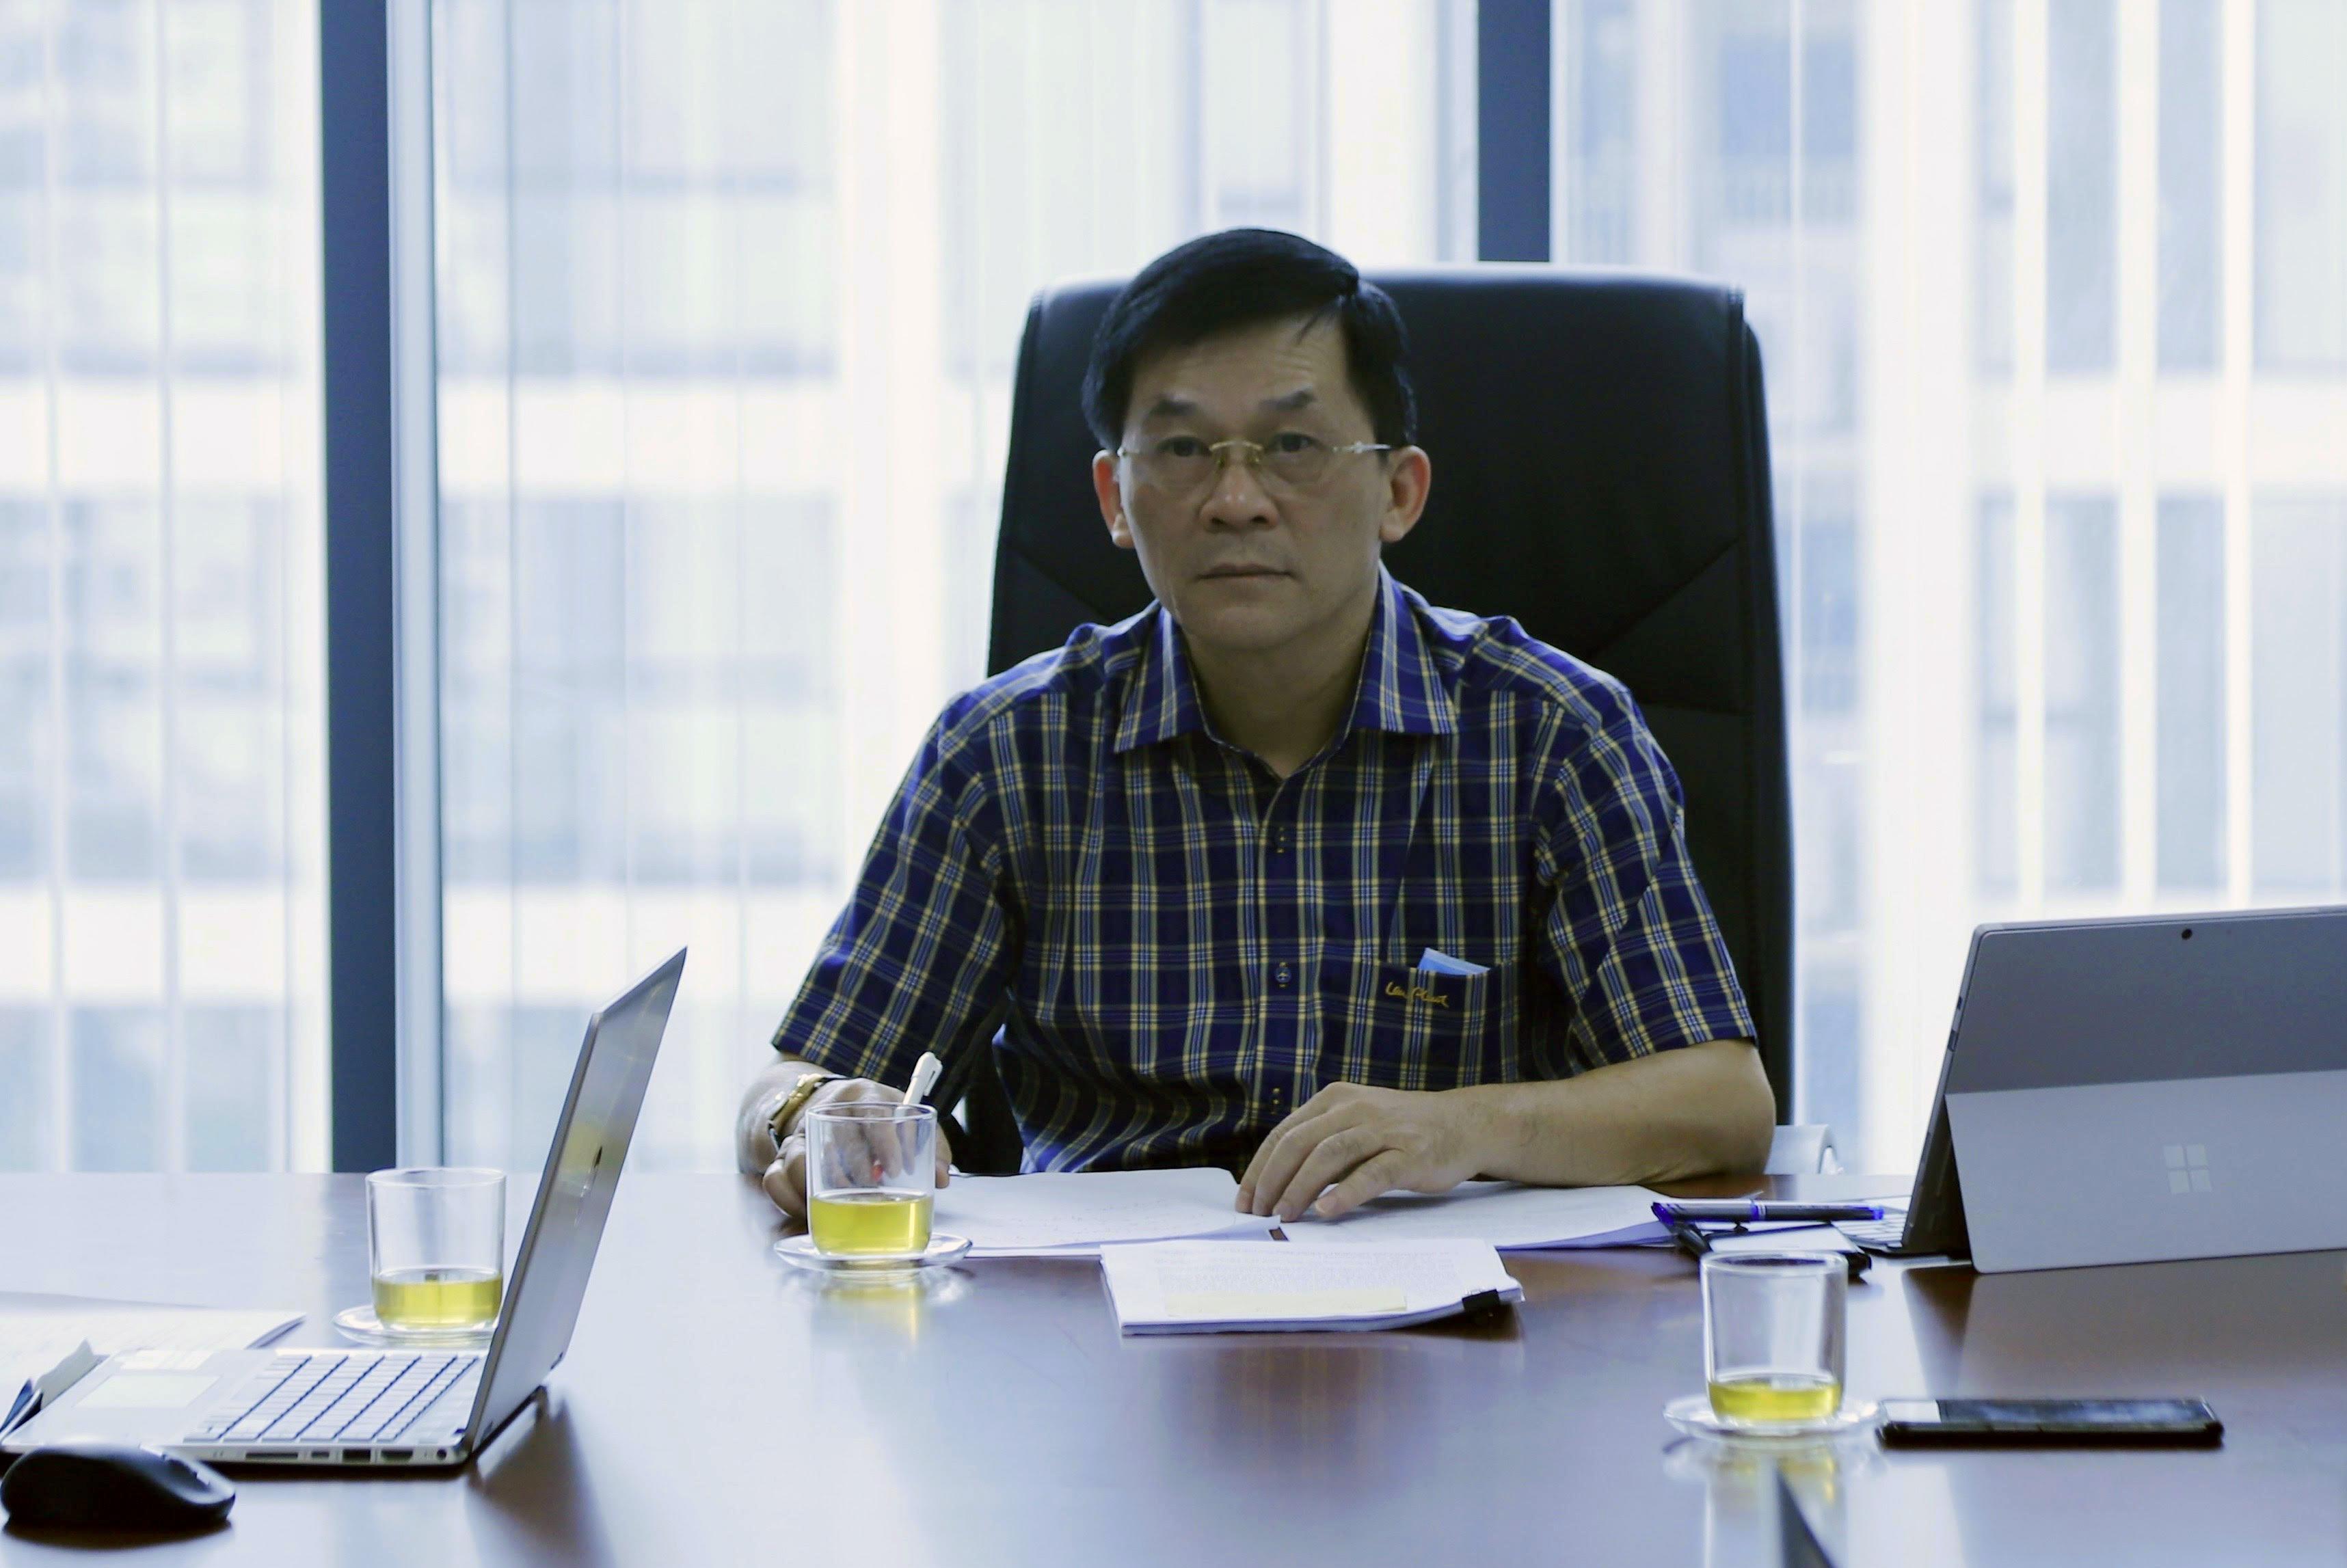 Thứ trưởng, Phó Chủ nhiệm UBDT Nông Quốc Tuấn chủ trì buổi làm việc